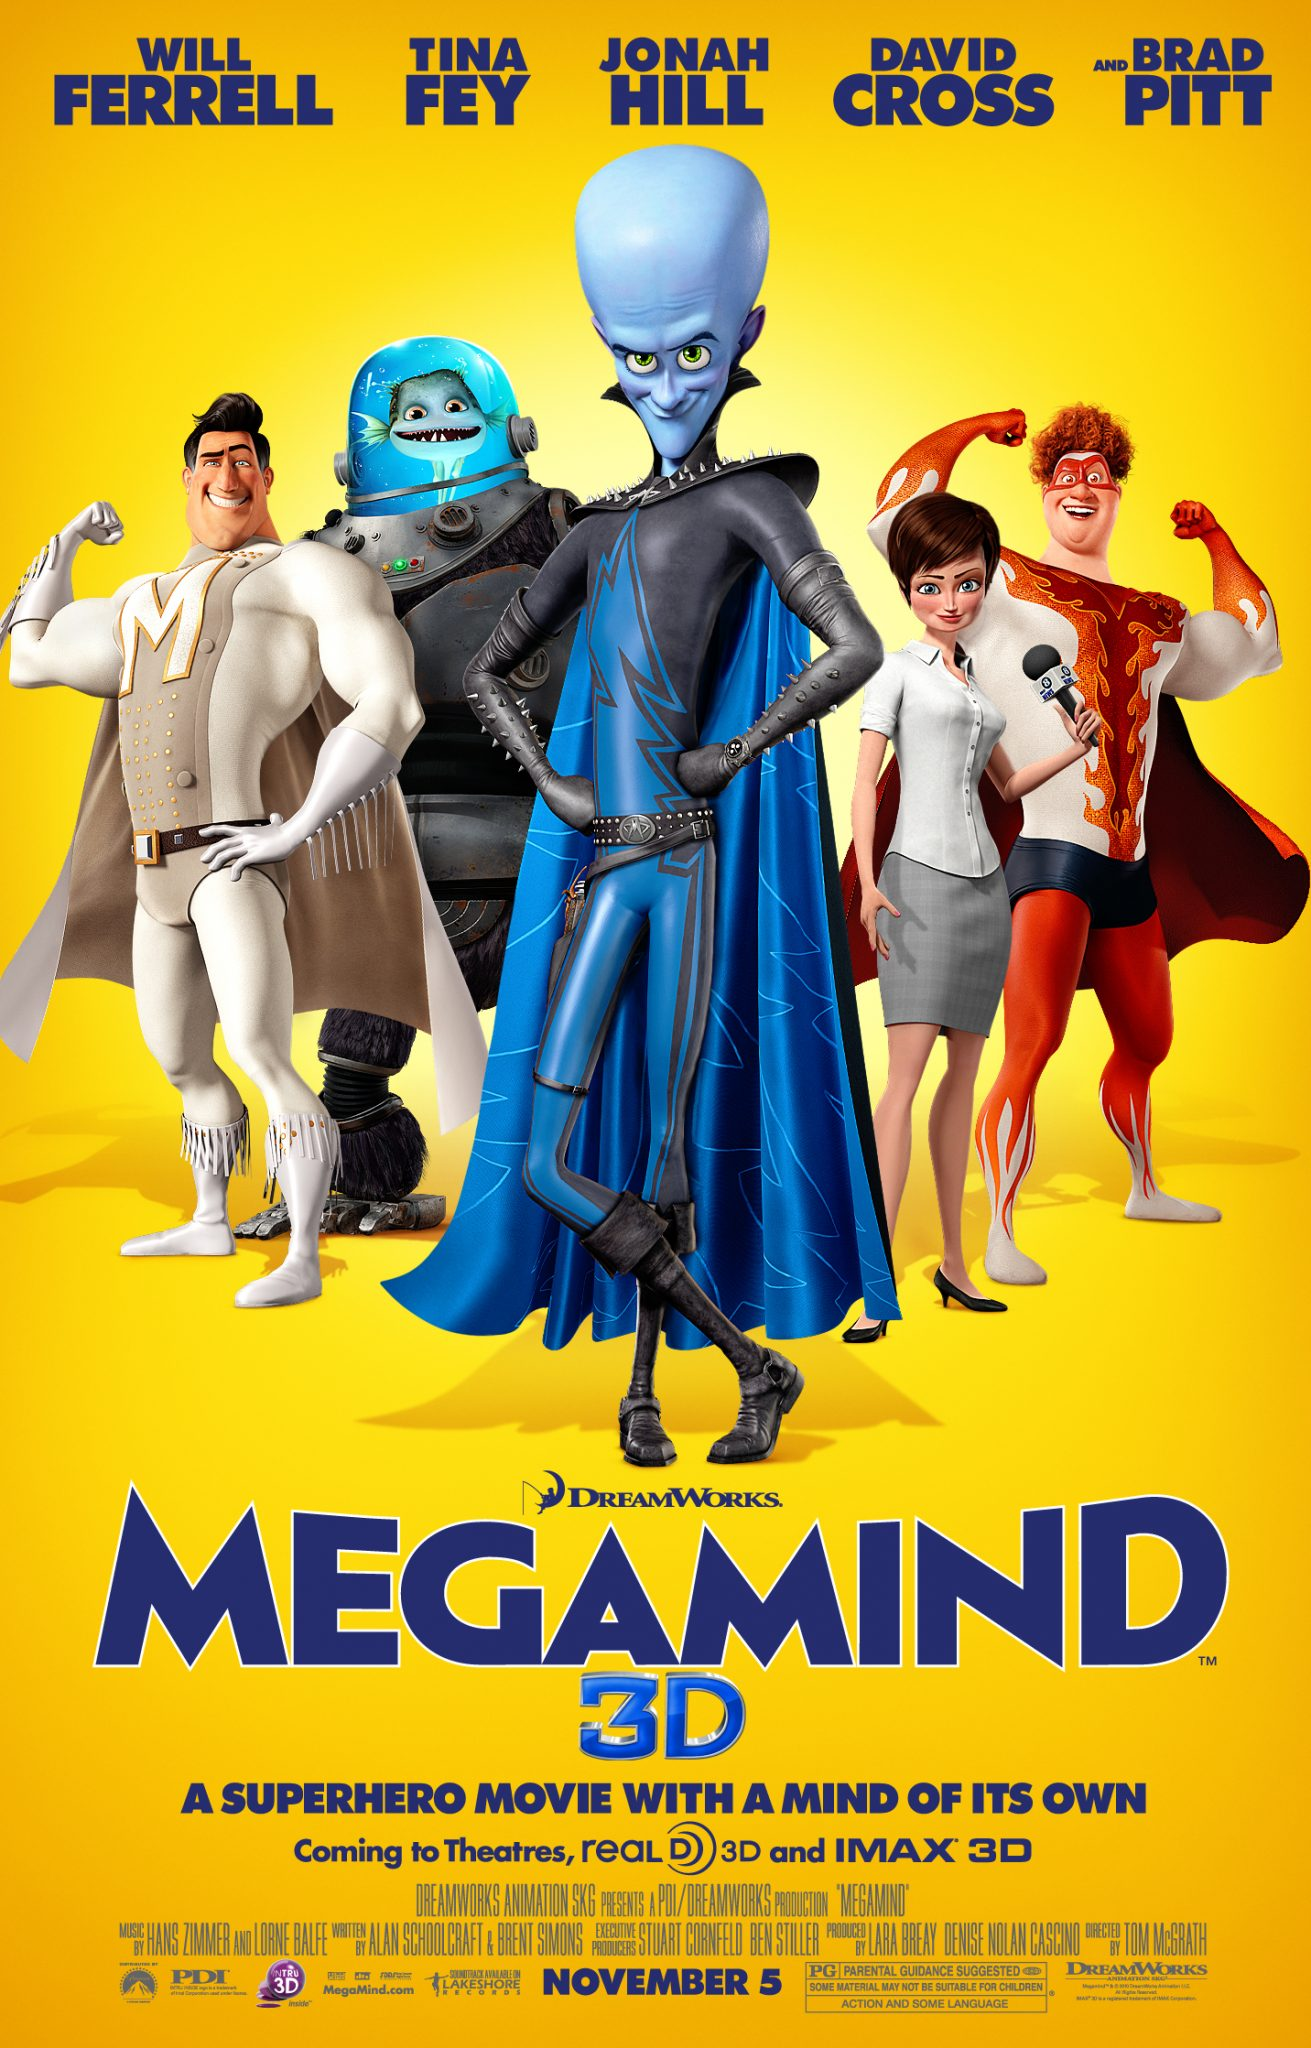 دانلود انیمیشن زیبای Megamind کله کدو - دانلود انیمیشن زیبای Megamind کله کدو دوبله فارسی